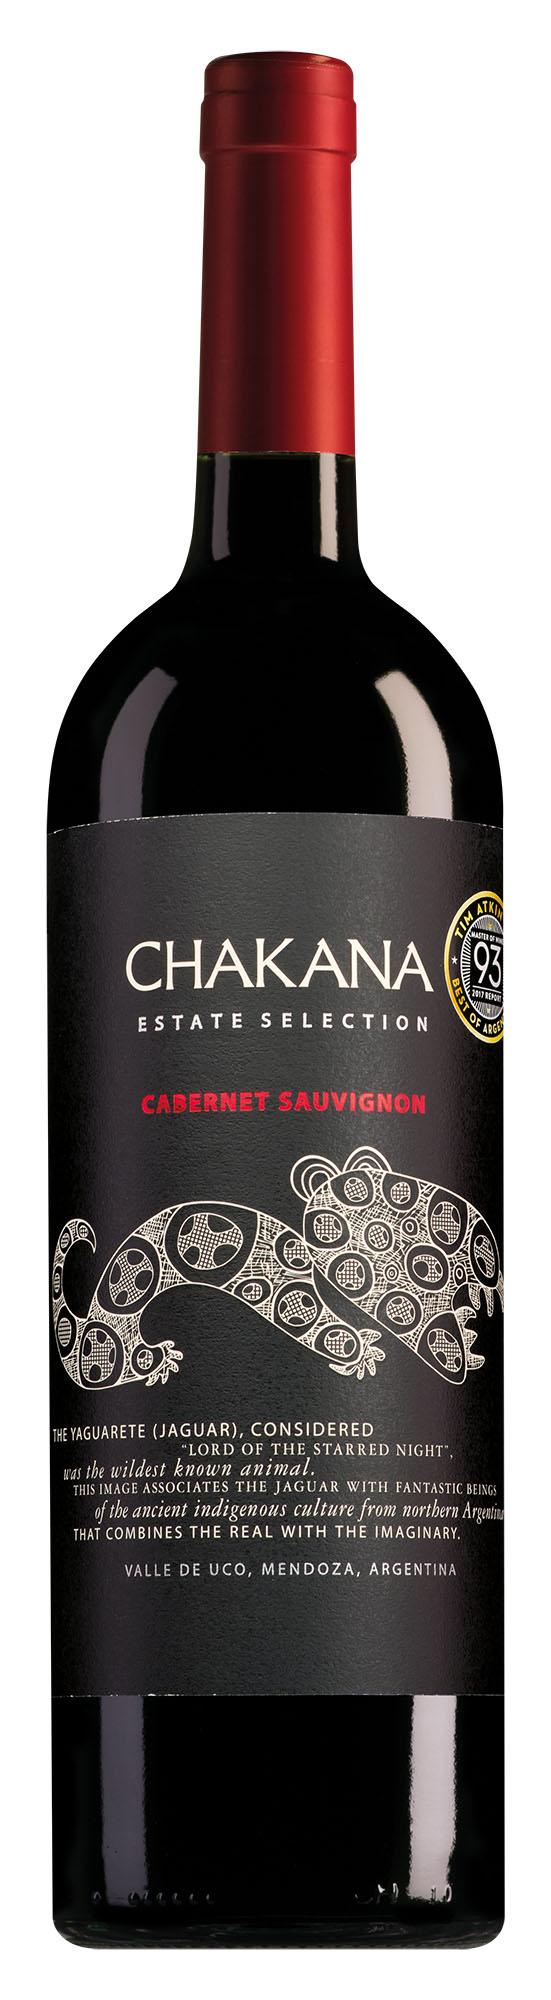 Chakana Mendoza Estate Selection Cabernet Sauvignon